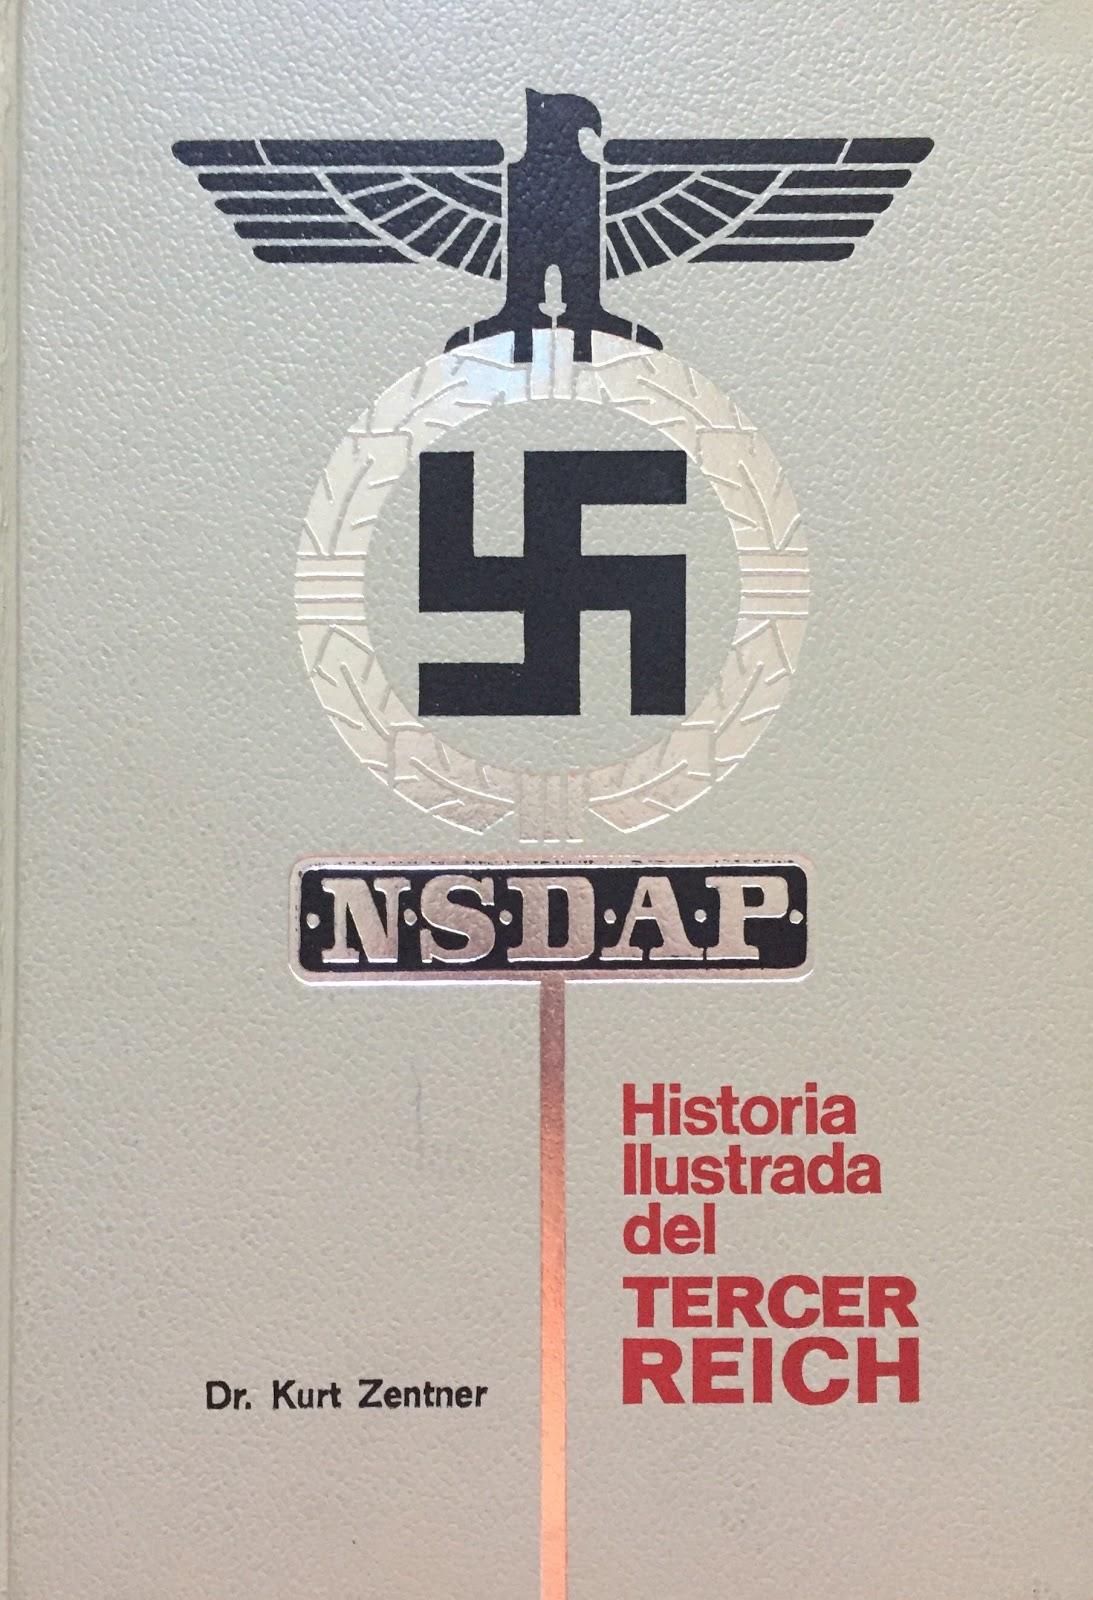 Historia ilustrada del Tercer Reich